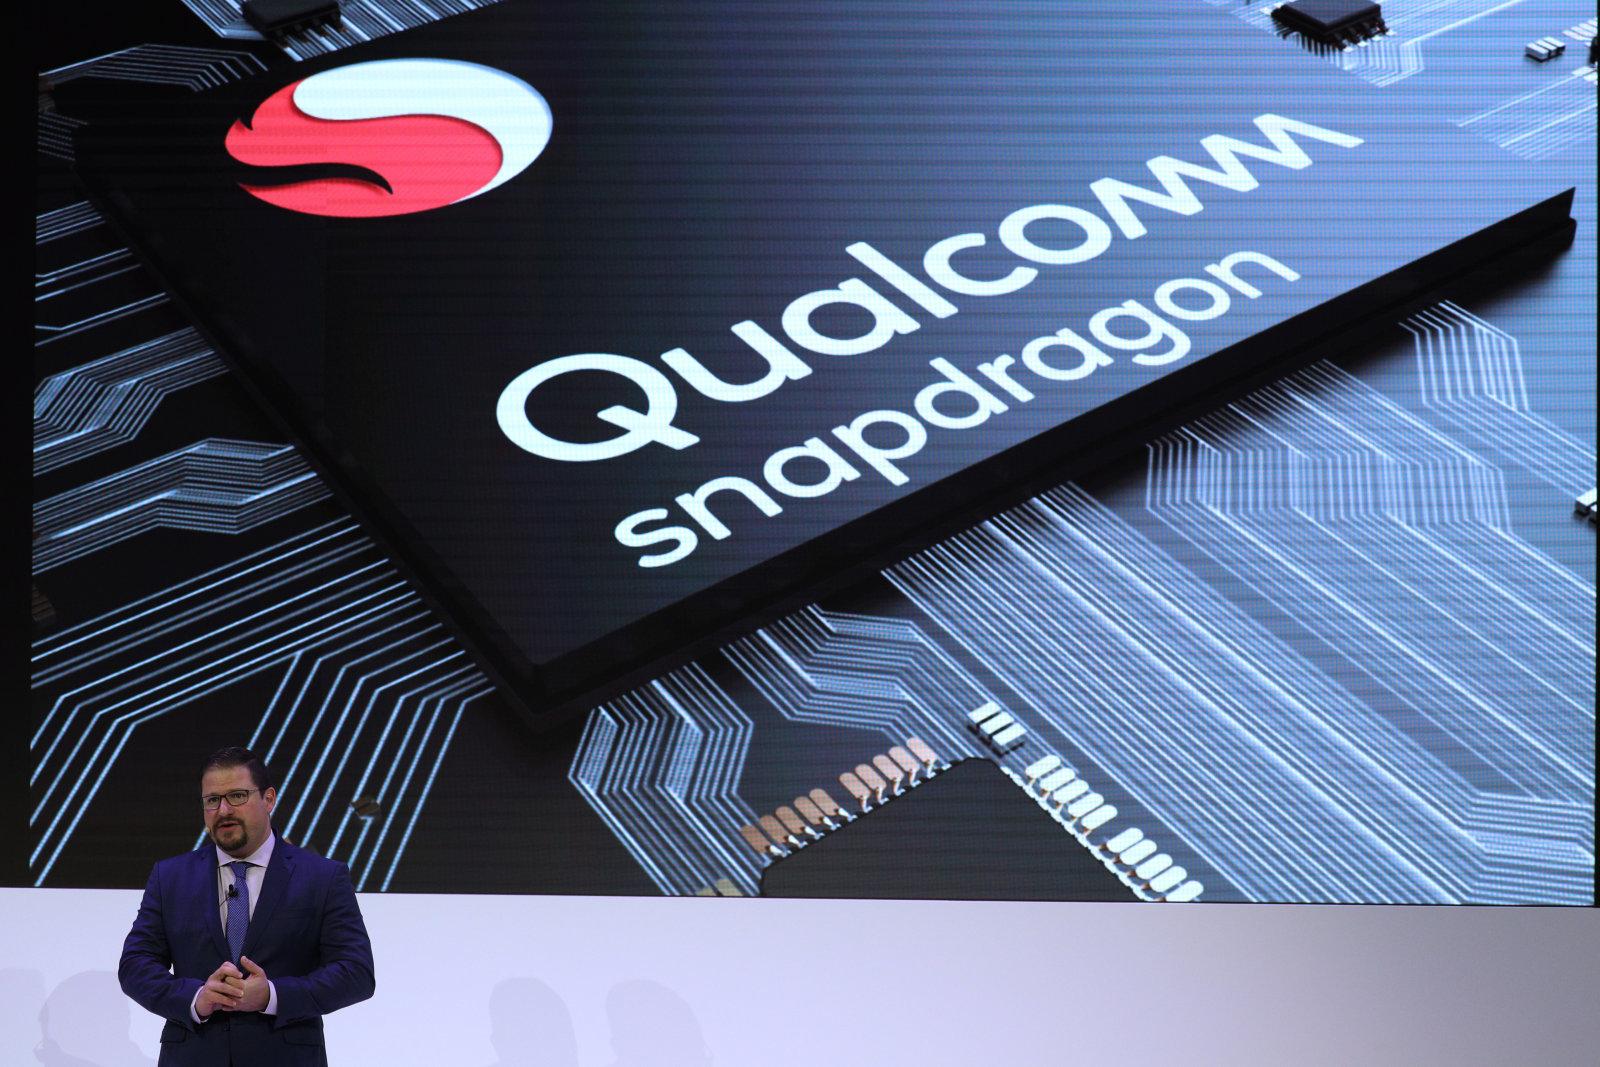 Mit Snapdragon gibt es KI-Beschleunigung auf günstigen Handys (Update)